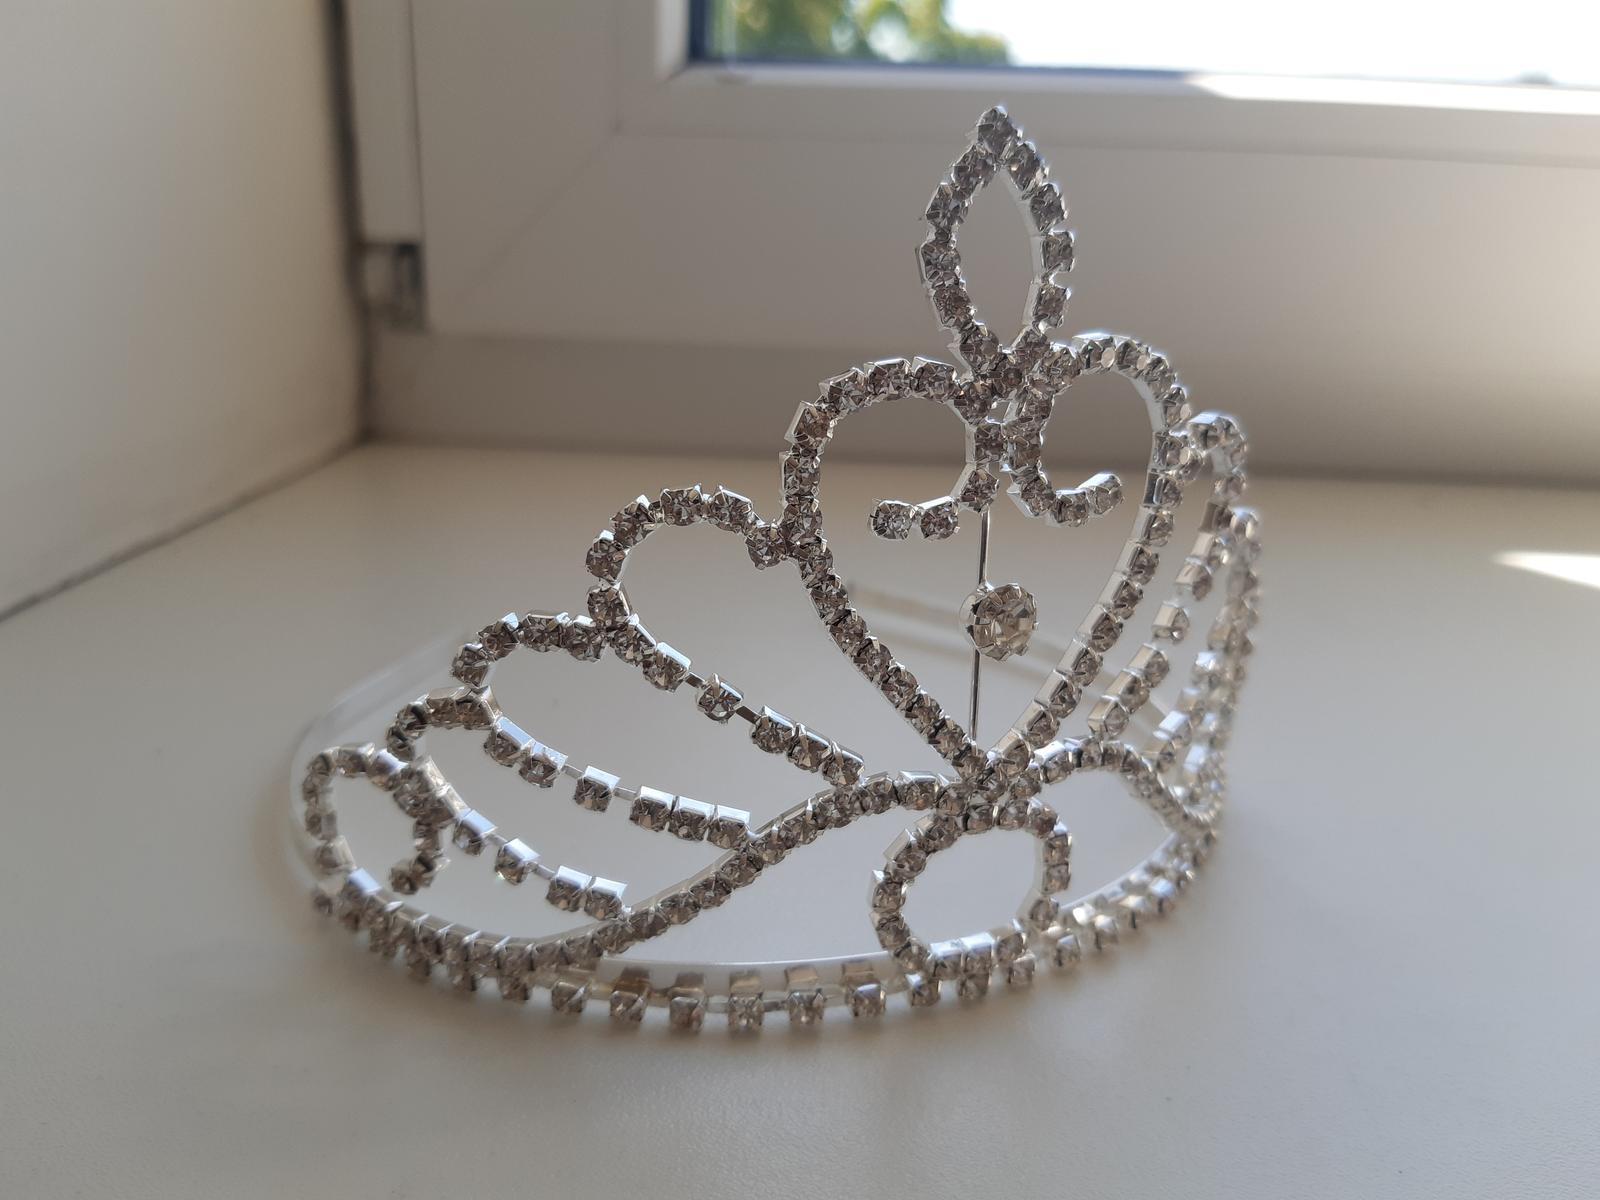 Diadem, korunka, tiara do vlasov - Obrázok č. 2